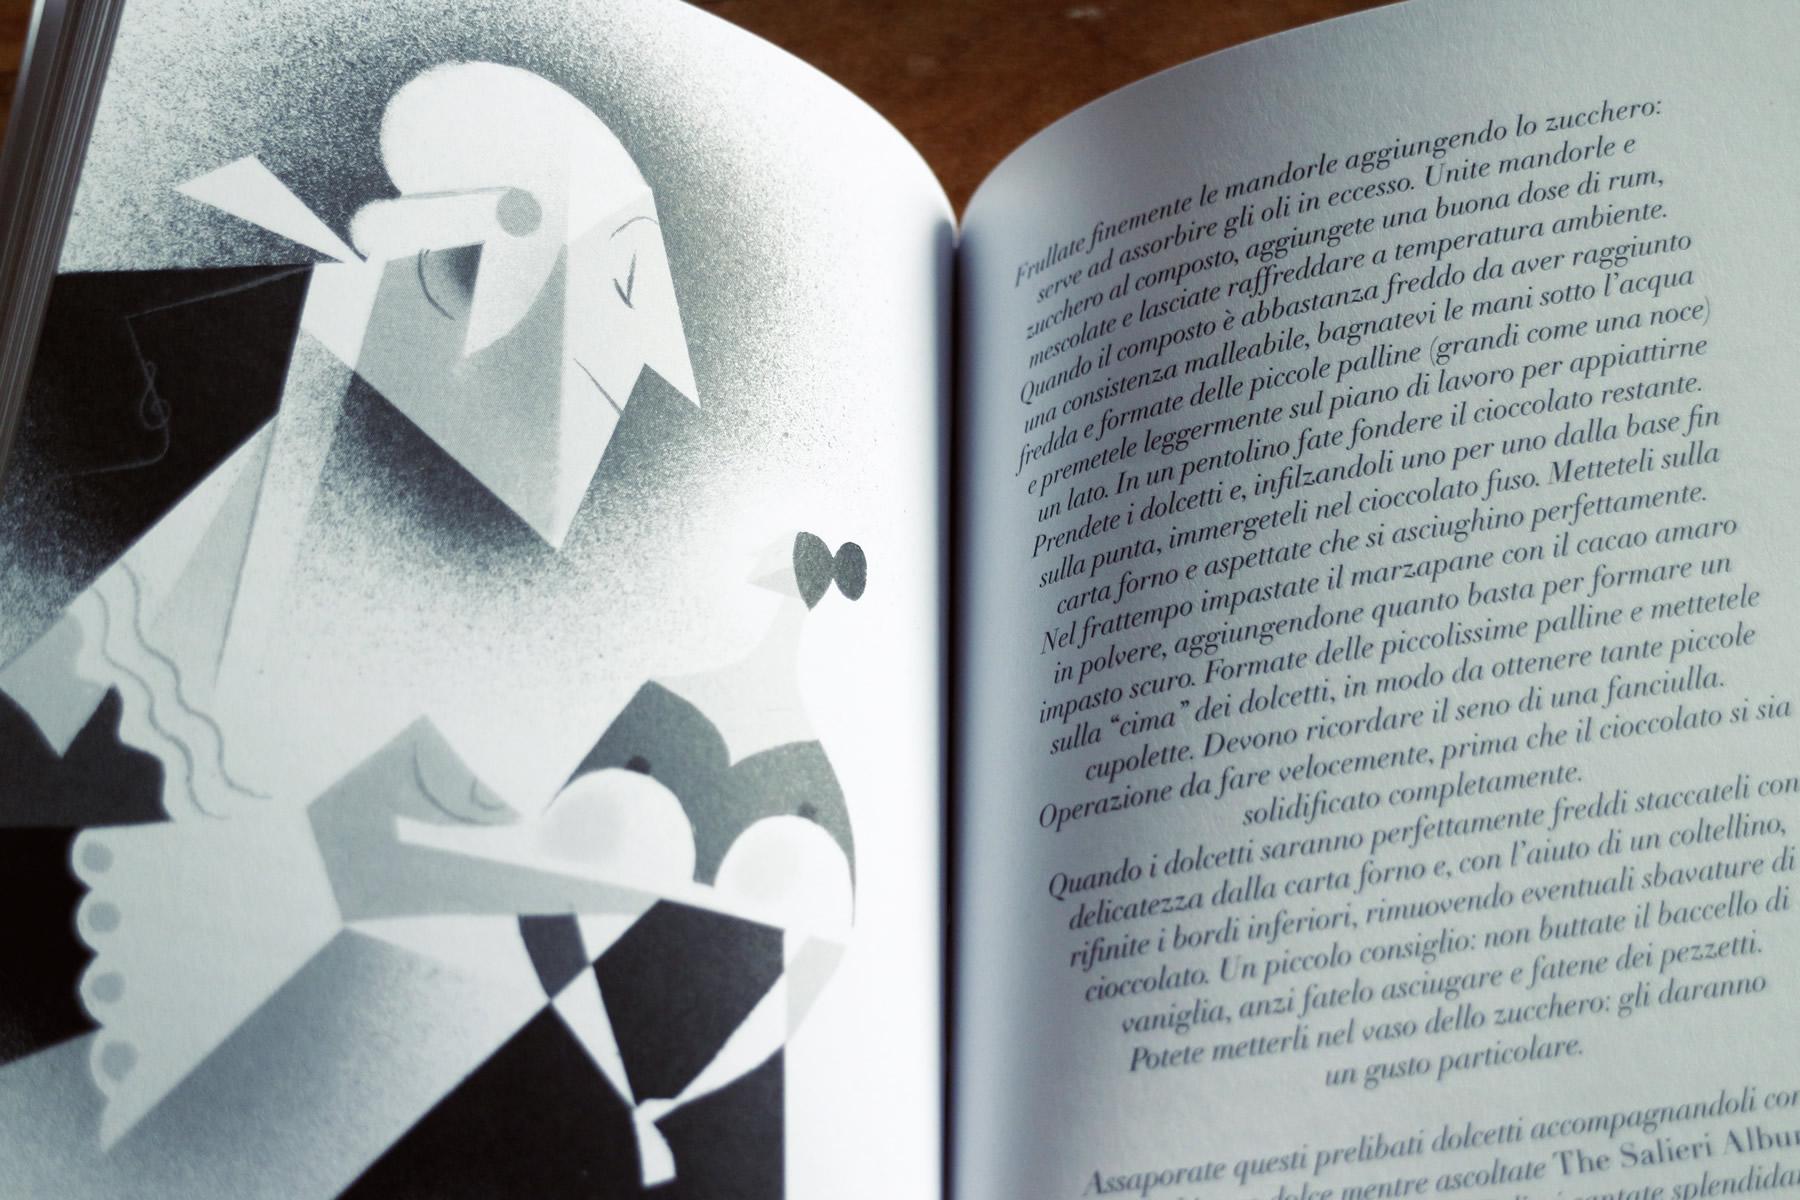 Forchette e melodie - Musicisti in cucina, di Gian Nicola Vessia, illustrazioni di Riccardo Guasco, Raum Italic 2016 (foto: Frizzifrizzi)